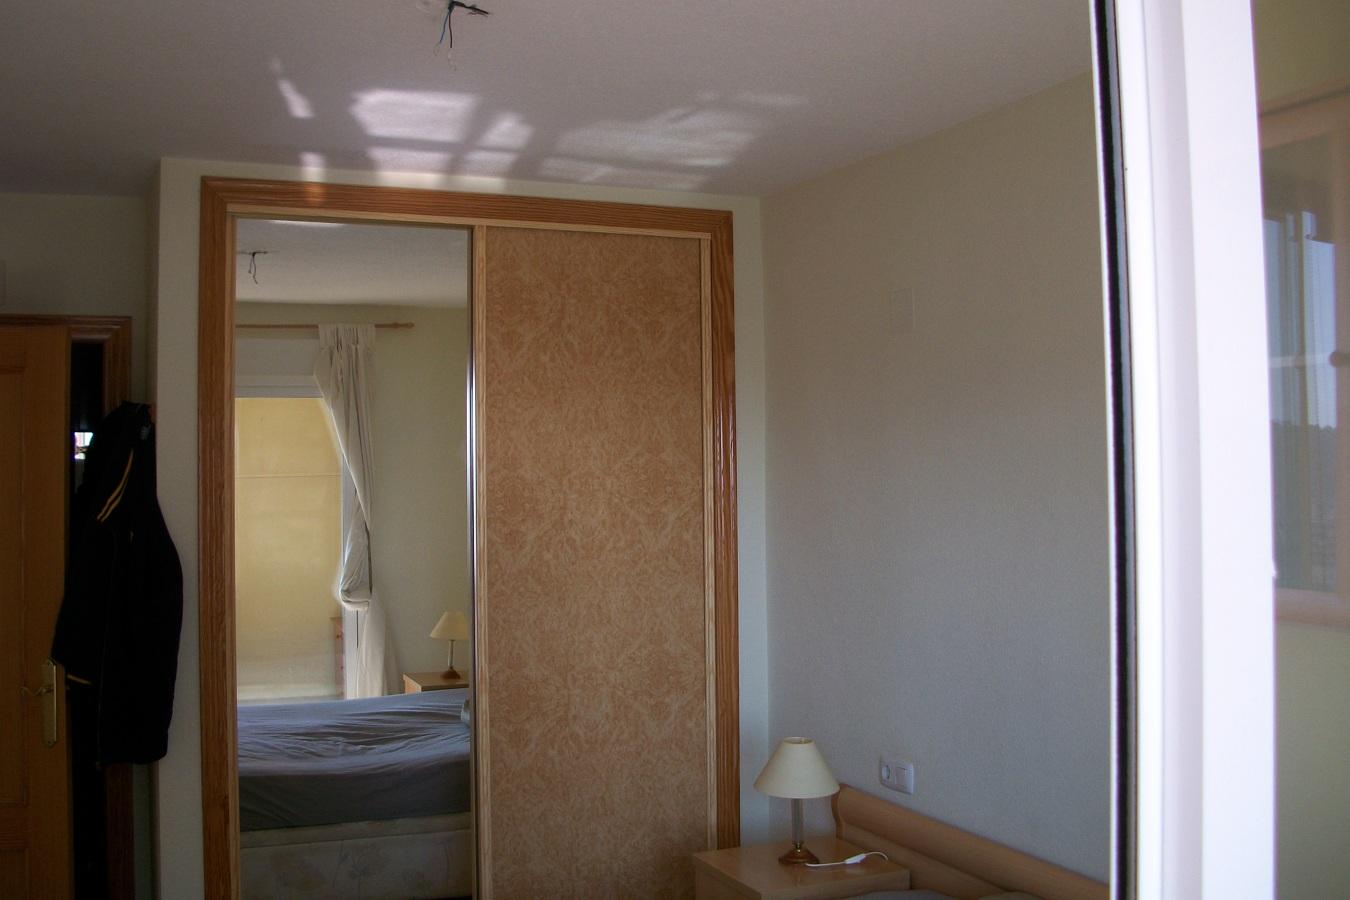 Pintar apartamento de 60 m2 alkabir alicante habitissimo for Presupuesto para pintar